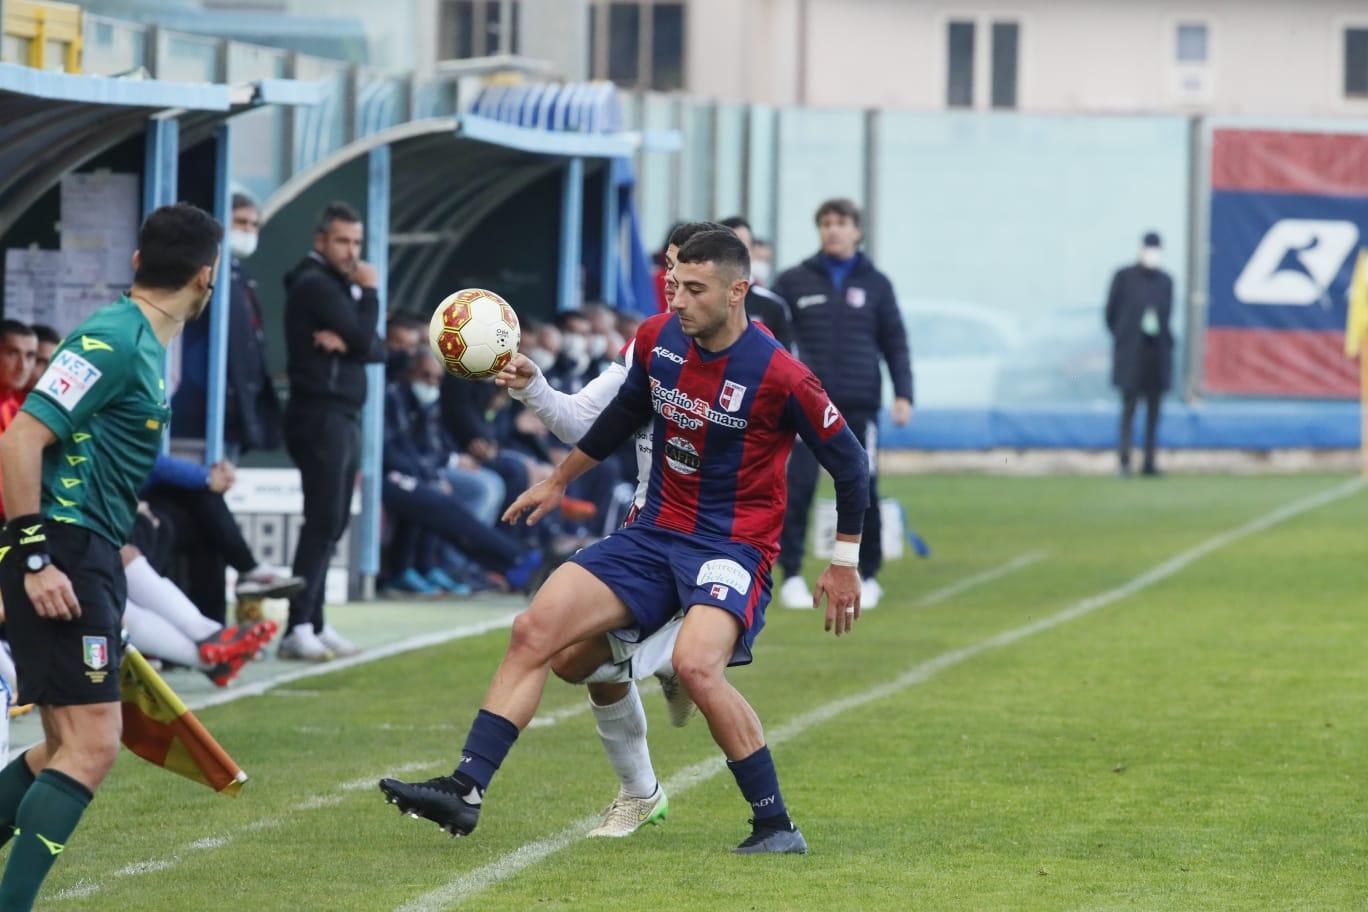 VIBONESE - FOGGIA 1-1 | Il tabellino del match immagine 16463 US Vibonese Calcio